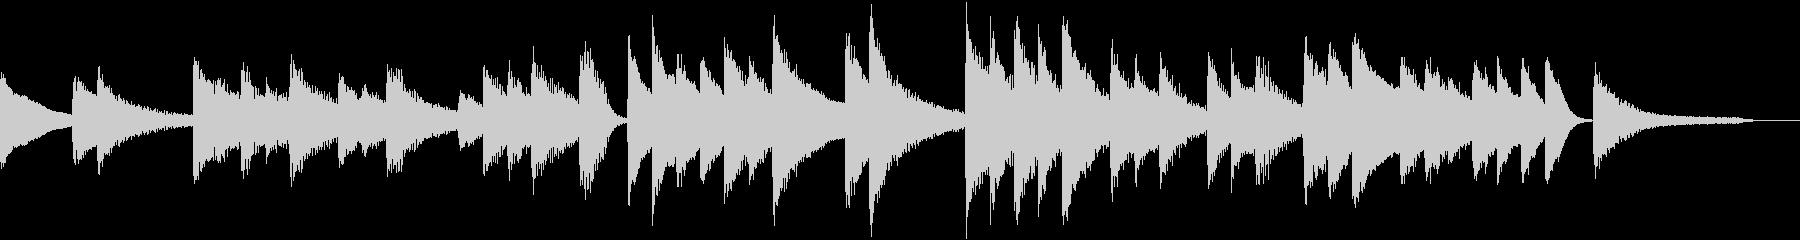 オリエンタルスケールのピアノジングルの未再生の波形